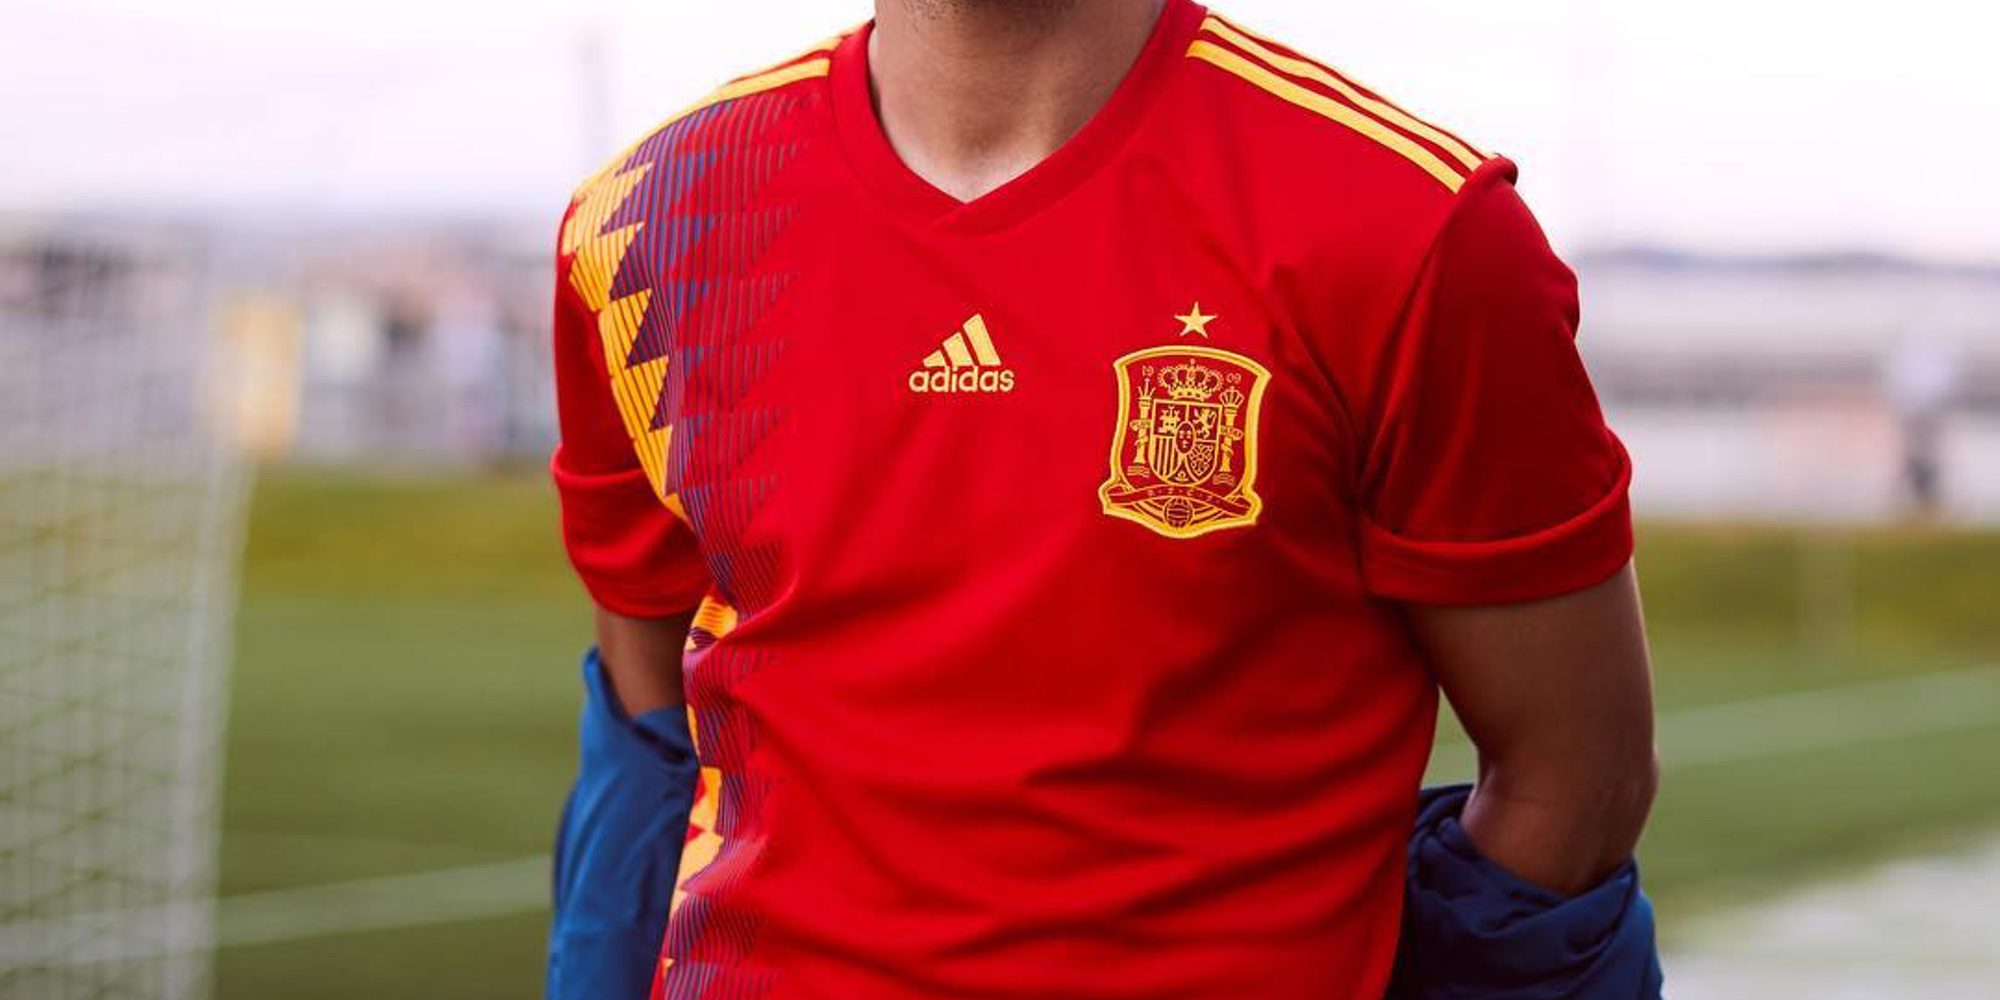 La nueva camiseta de la Selección Española crea polémica por sus colores  parecidos a la bandera 8e704282f78d2